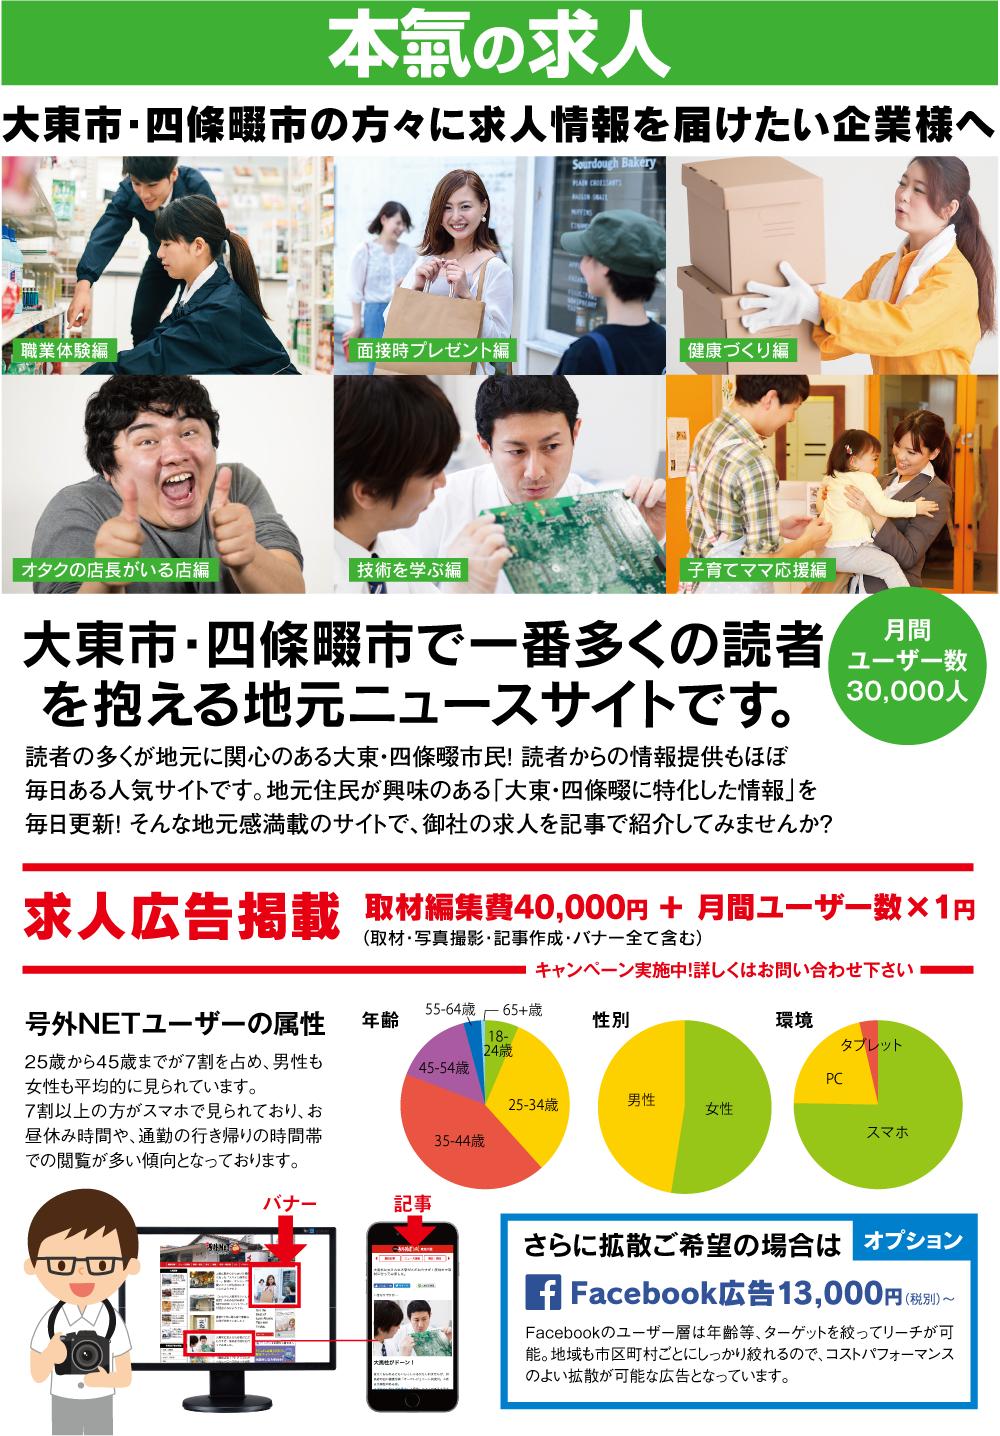 号外NET_案內(求人__大東_WEB)